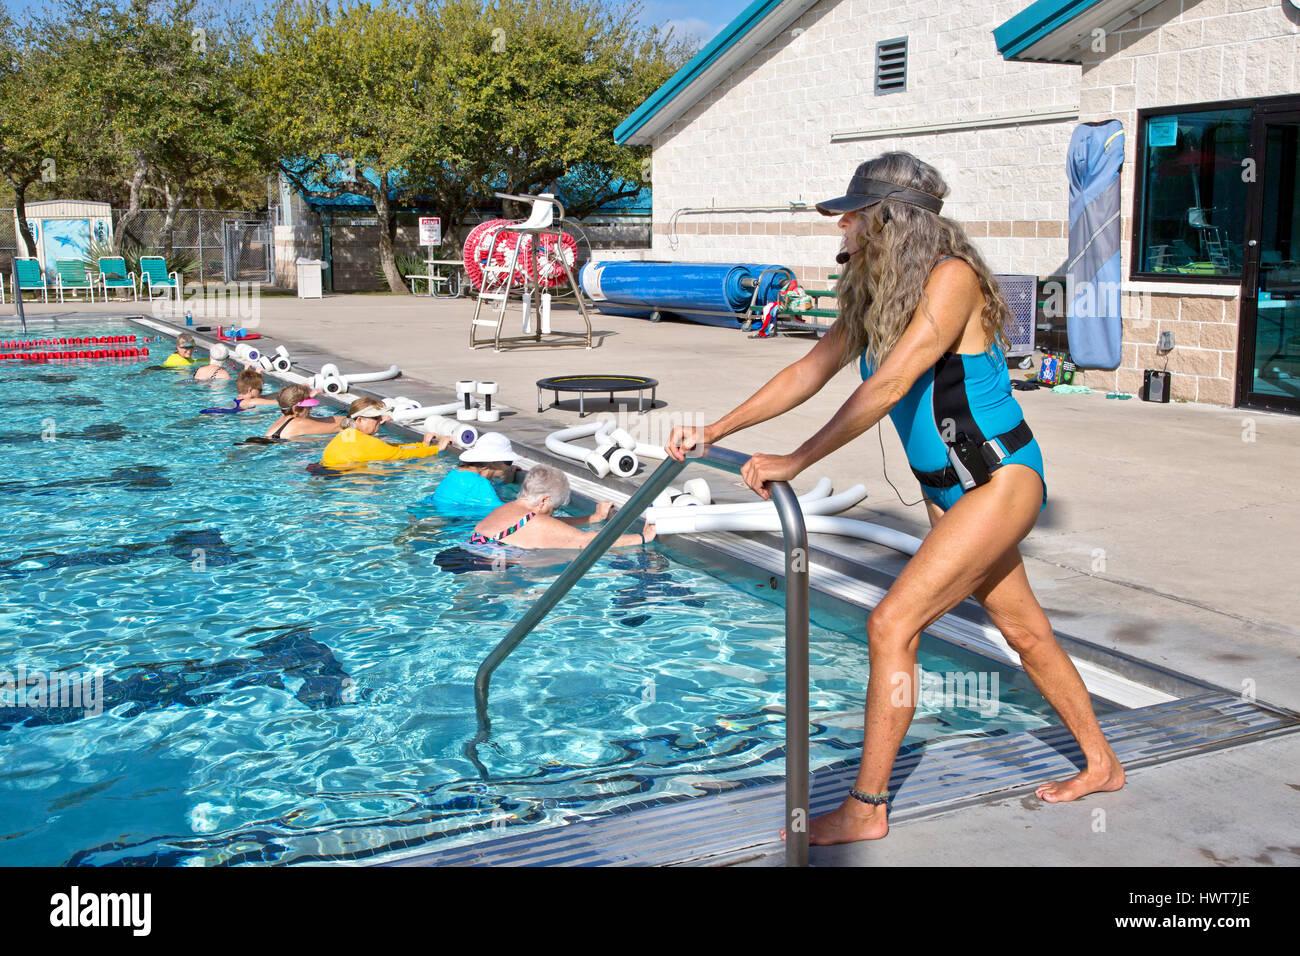 """Istruttore dimostrando """"stretch"""", Aerobica, Acqua Gym, gruppo di donne frequentanti. Immagini Stock"""